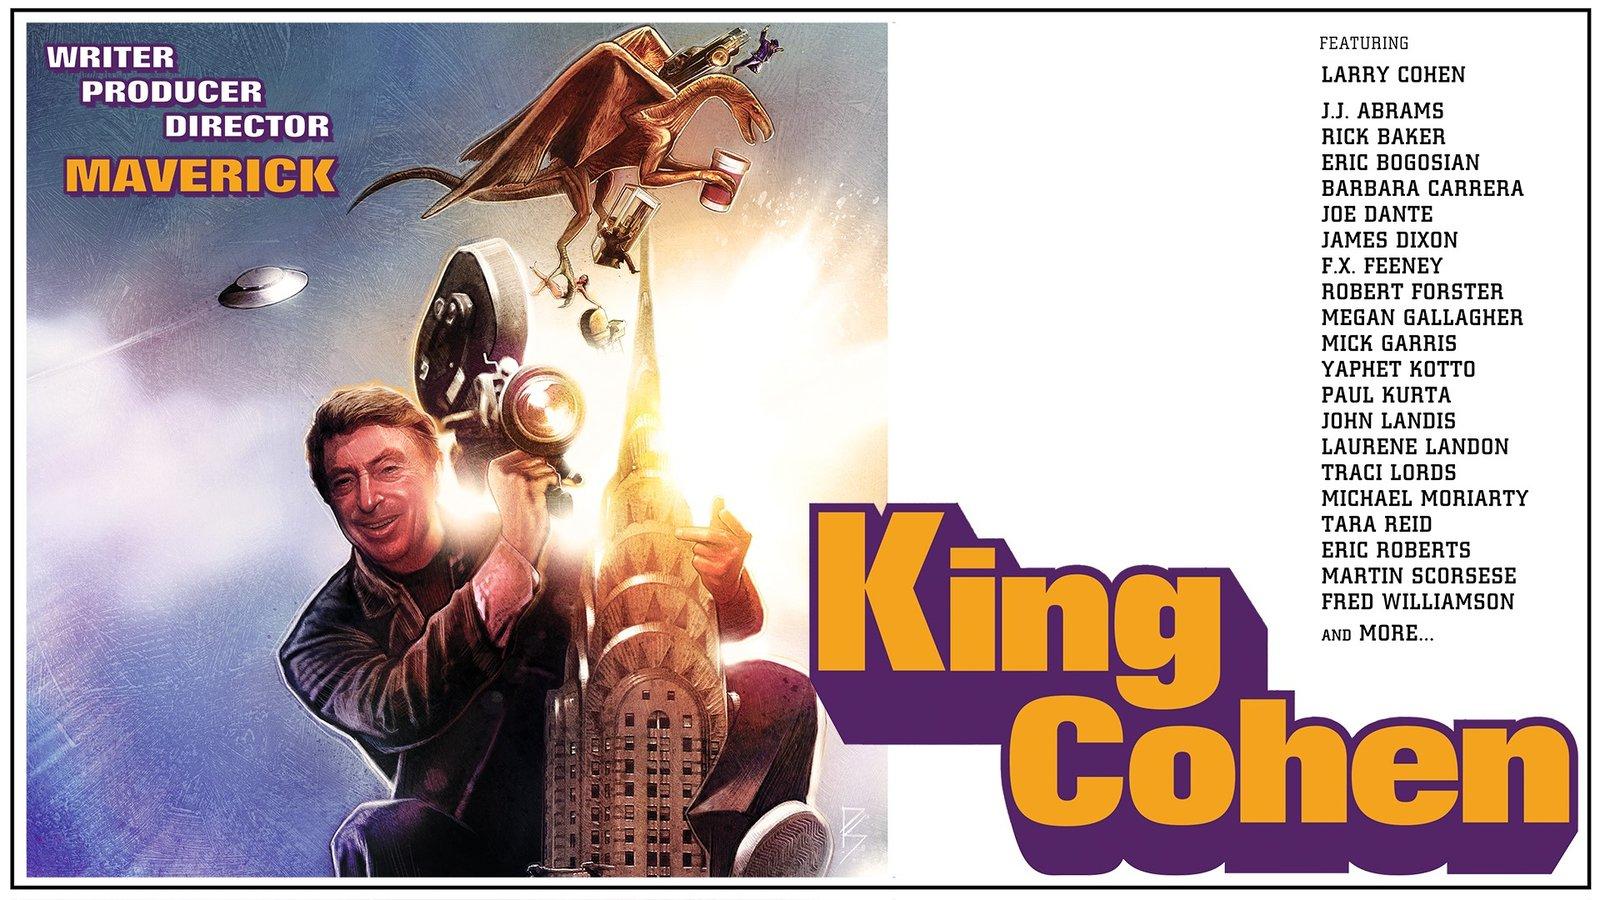 King Cohen - The Wild World of Filmmaker Larry Cohen